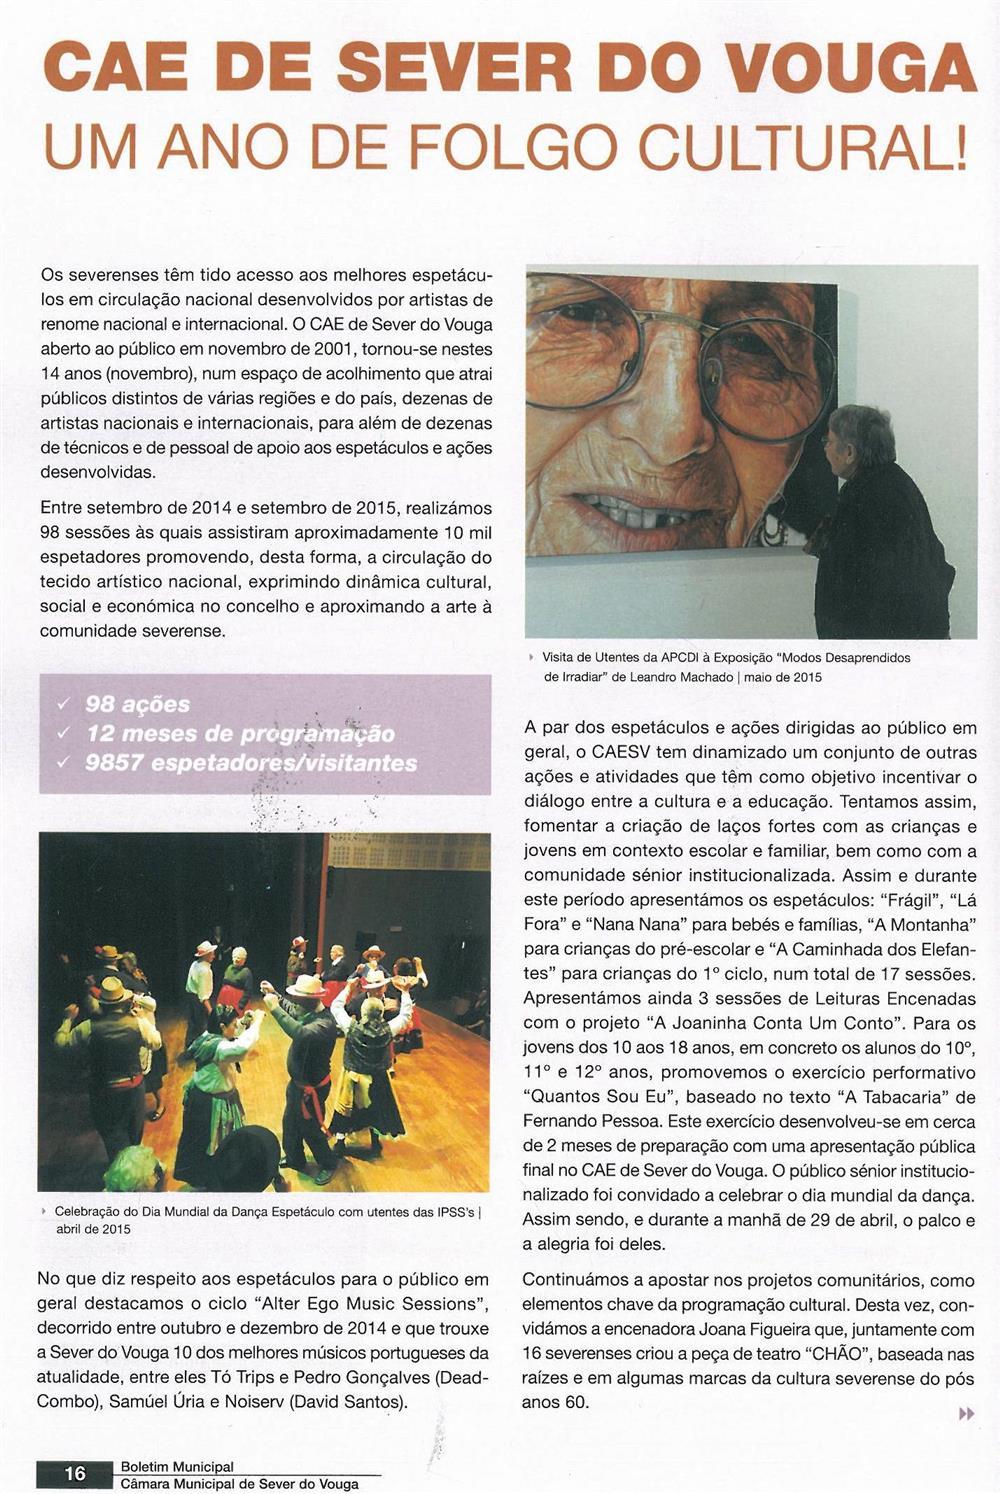 BoletimMunicipal-n.º32-nov.'15-p.16-CAE de Sever do Vouga : um ano de folgo cultural.jpg